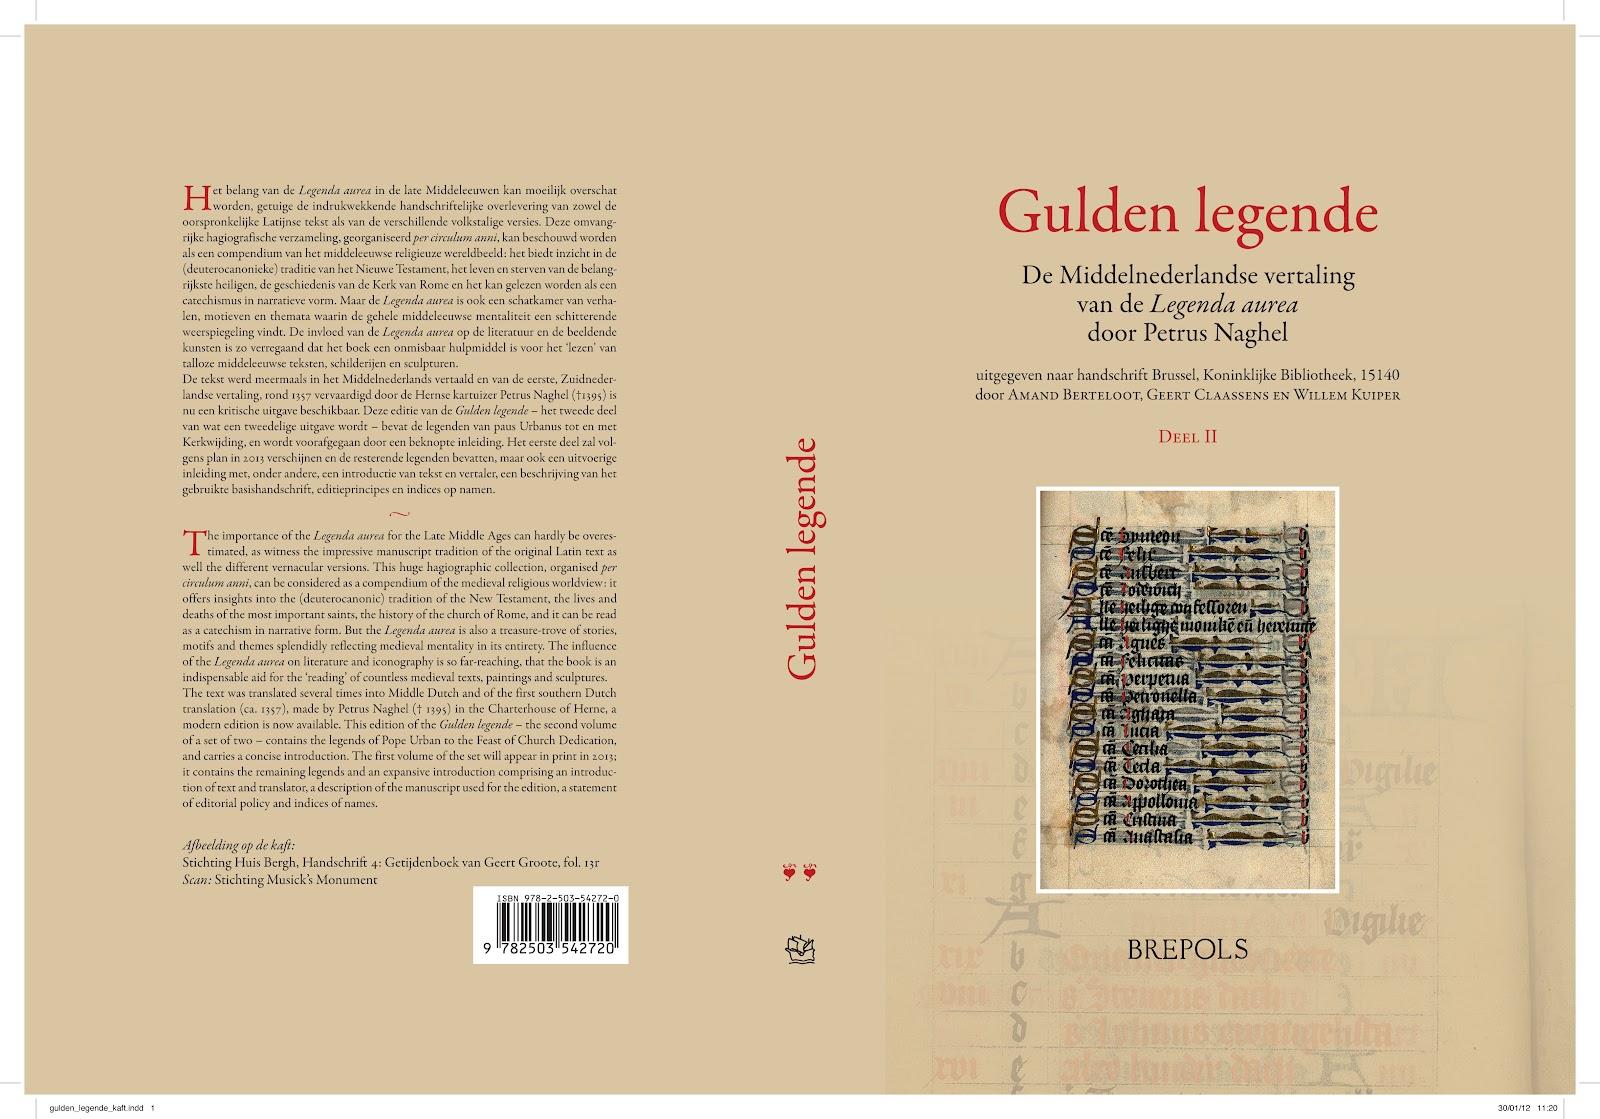 Neder L: Gulden legende, deel II